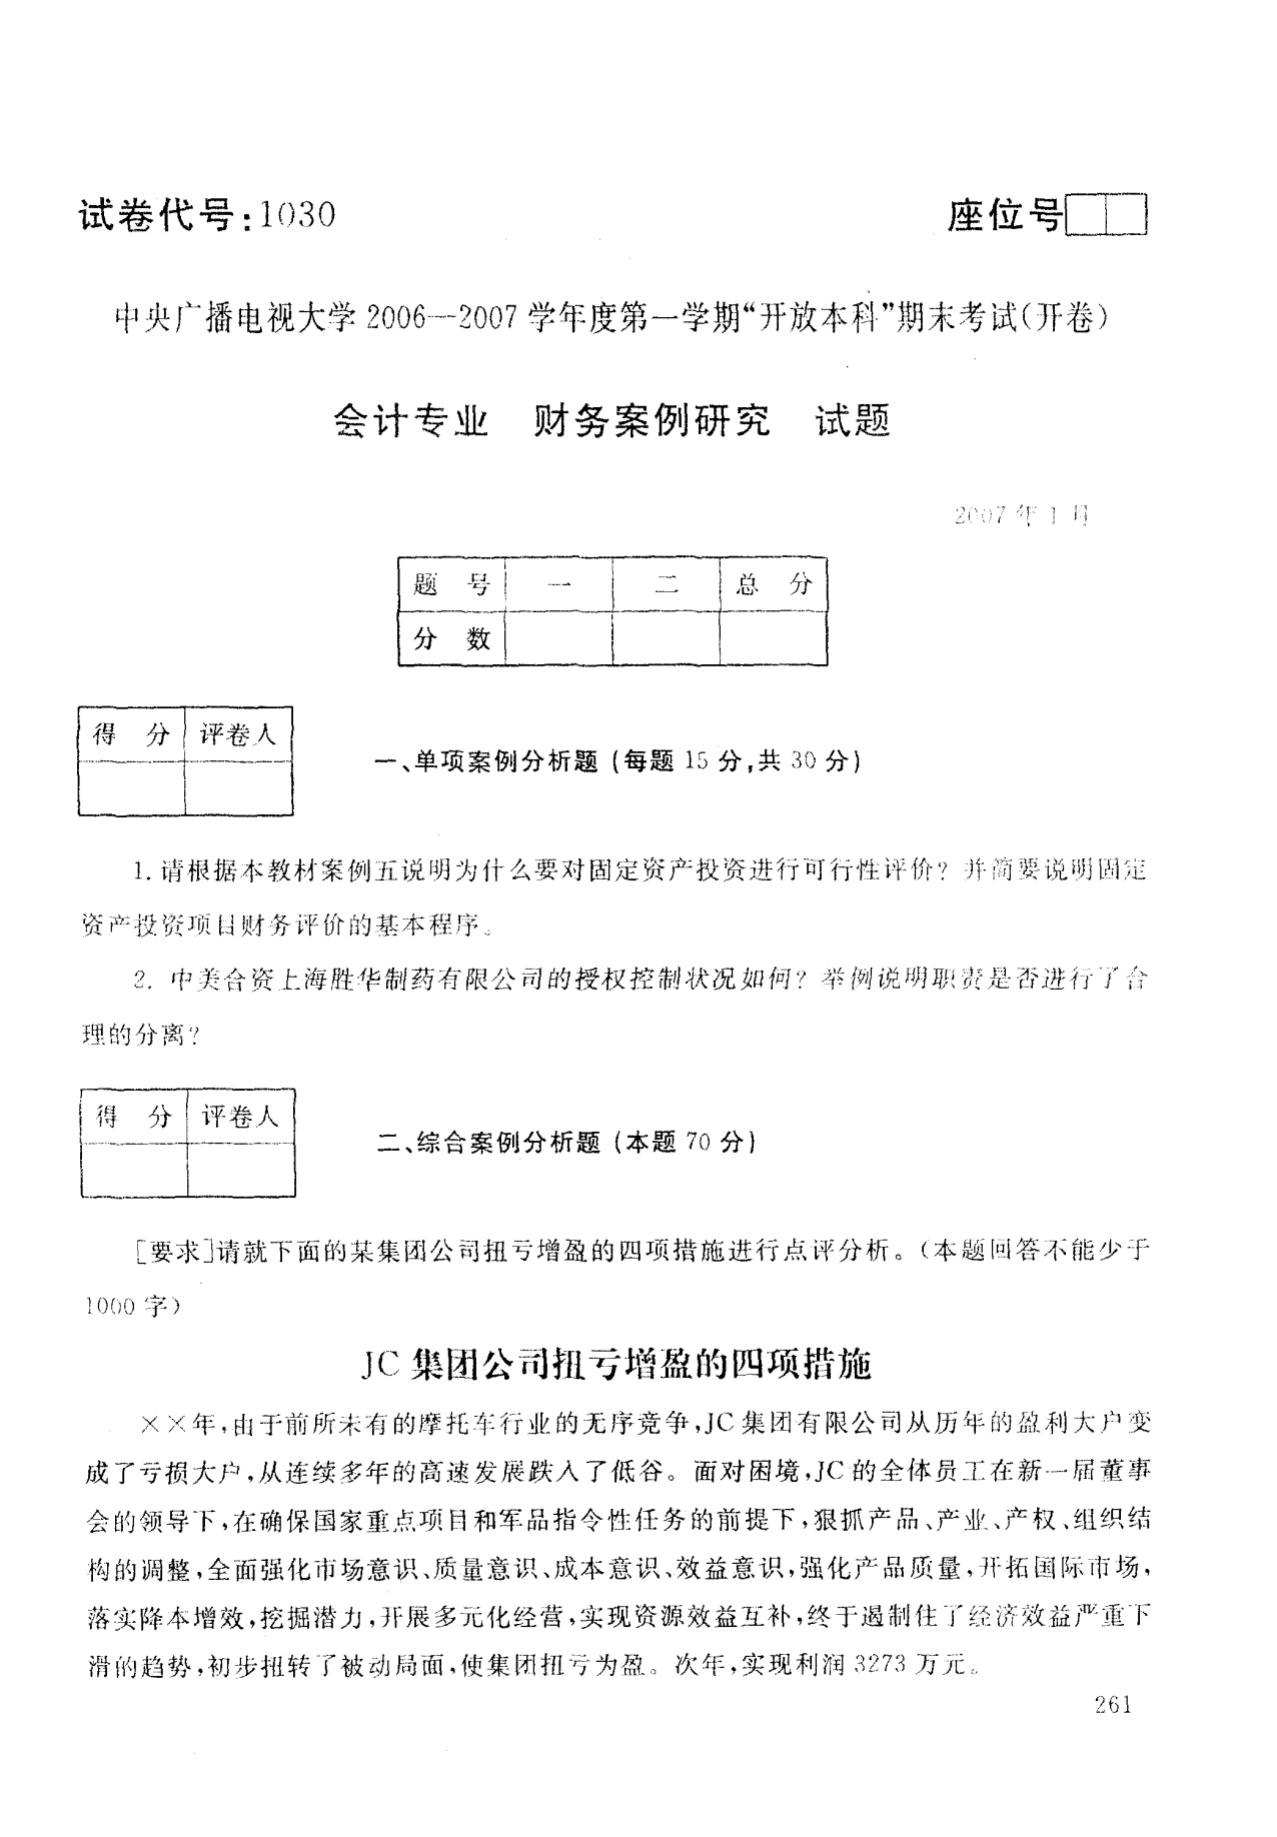 中央电大开放本科会计学专业财务案例研究试题_0701